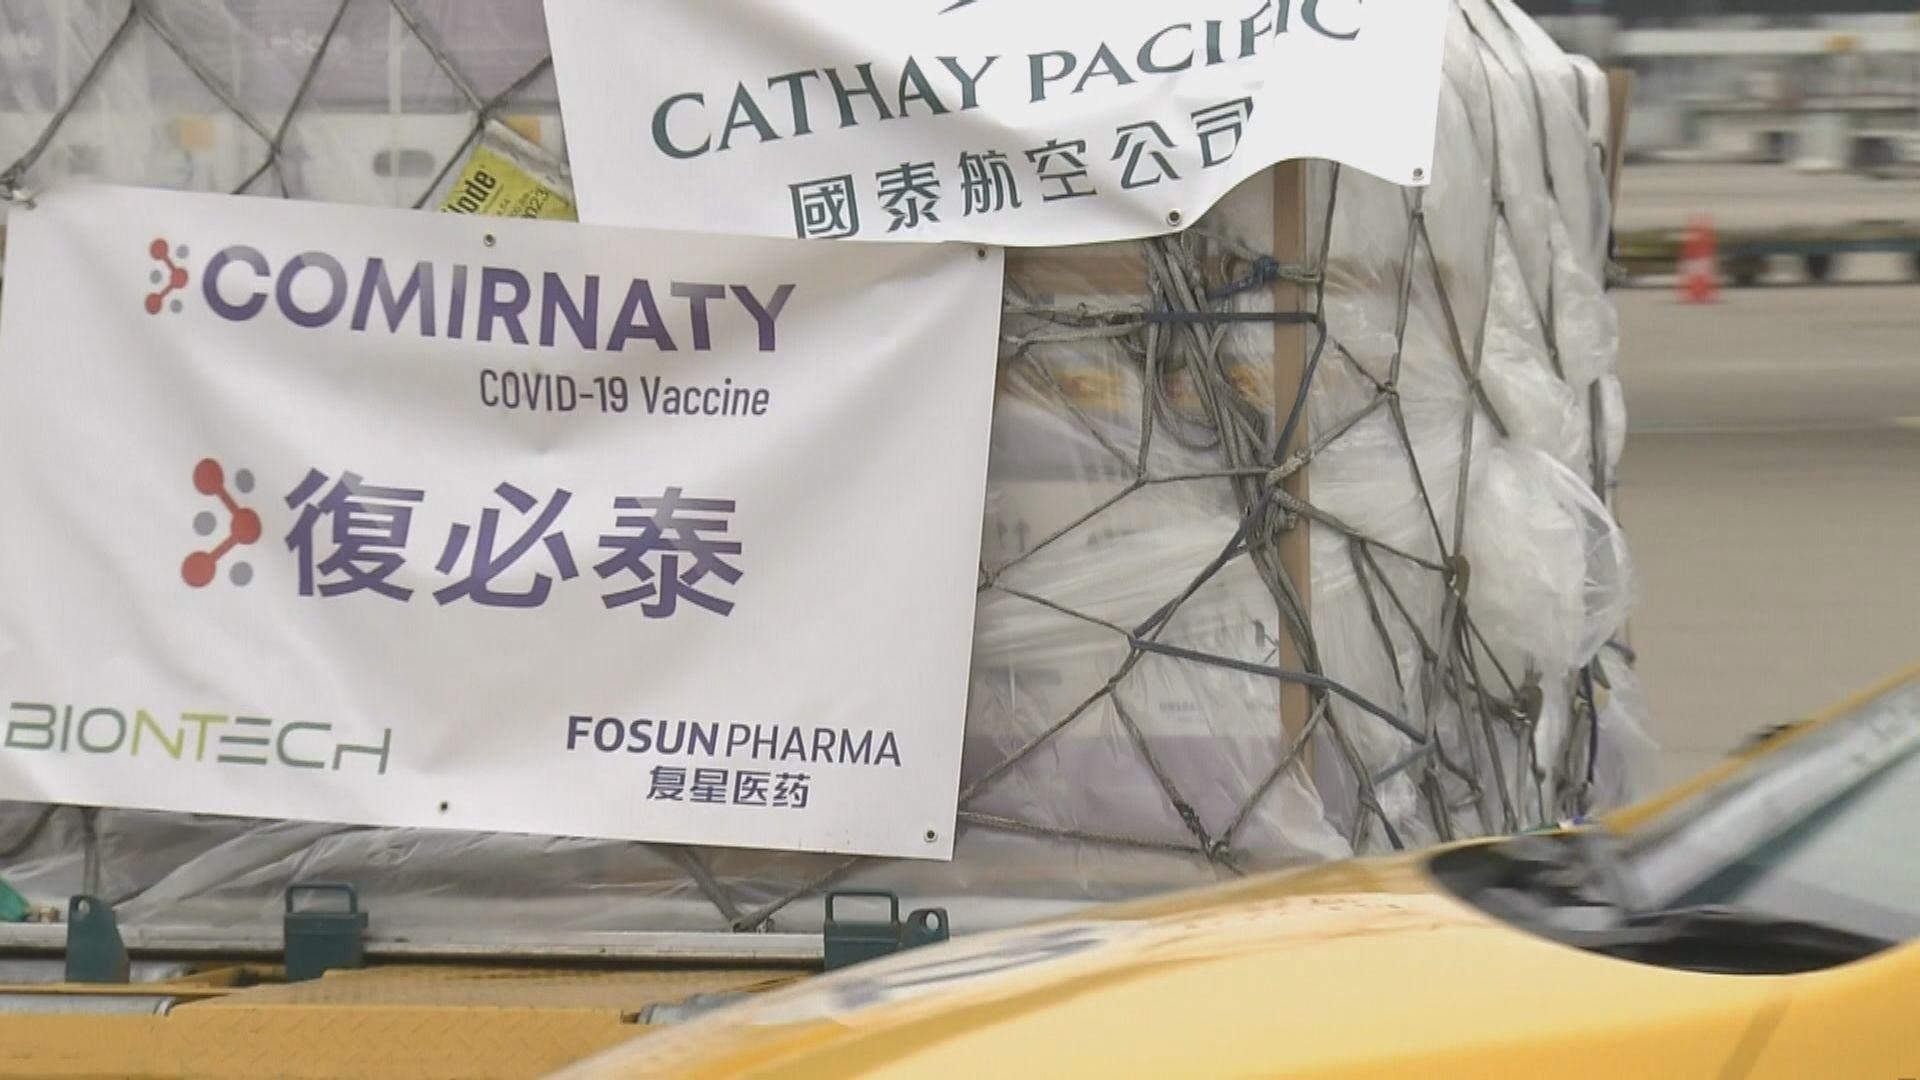 新一批約74萬劑復必泰疫苗抵港